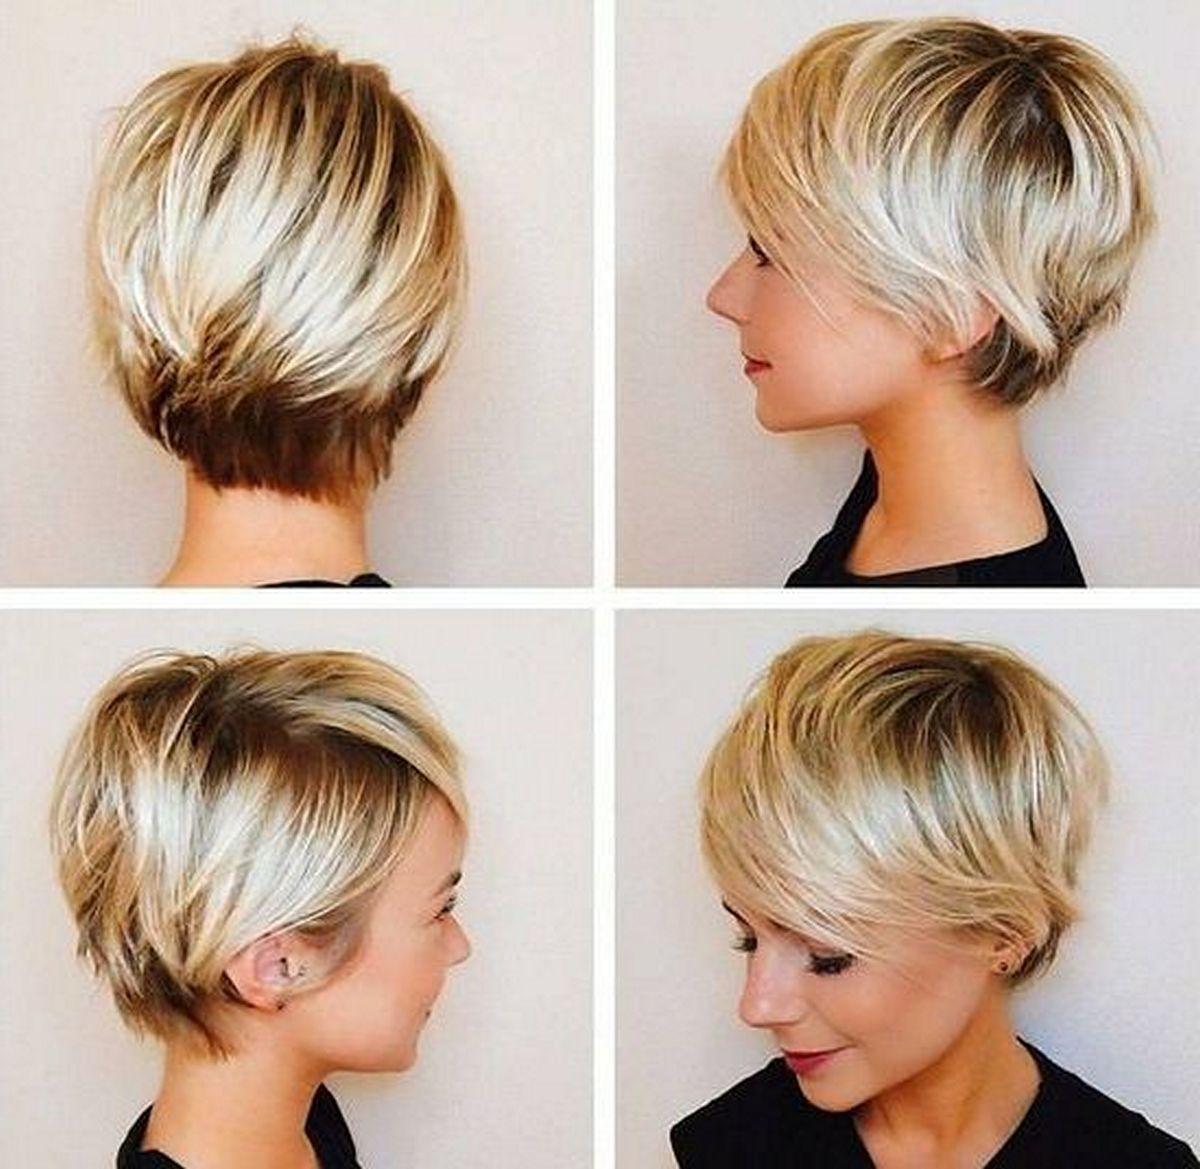 70 Cute All Time Short Pixie Haircuts For Women | HAIR ...